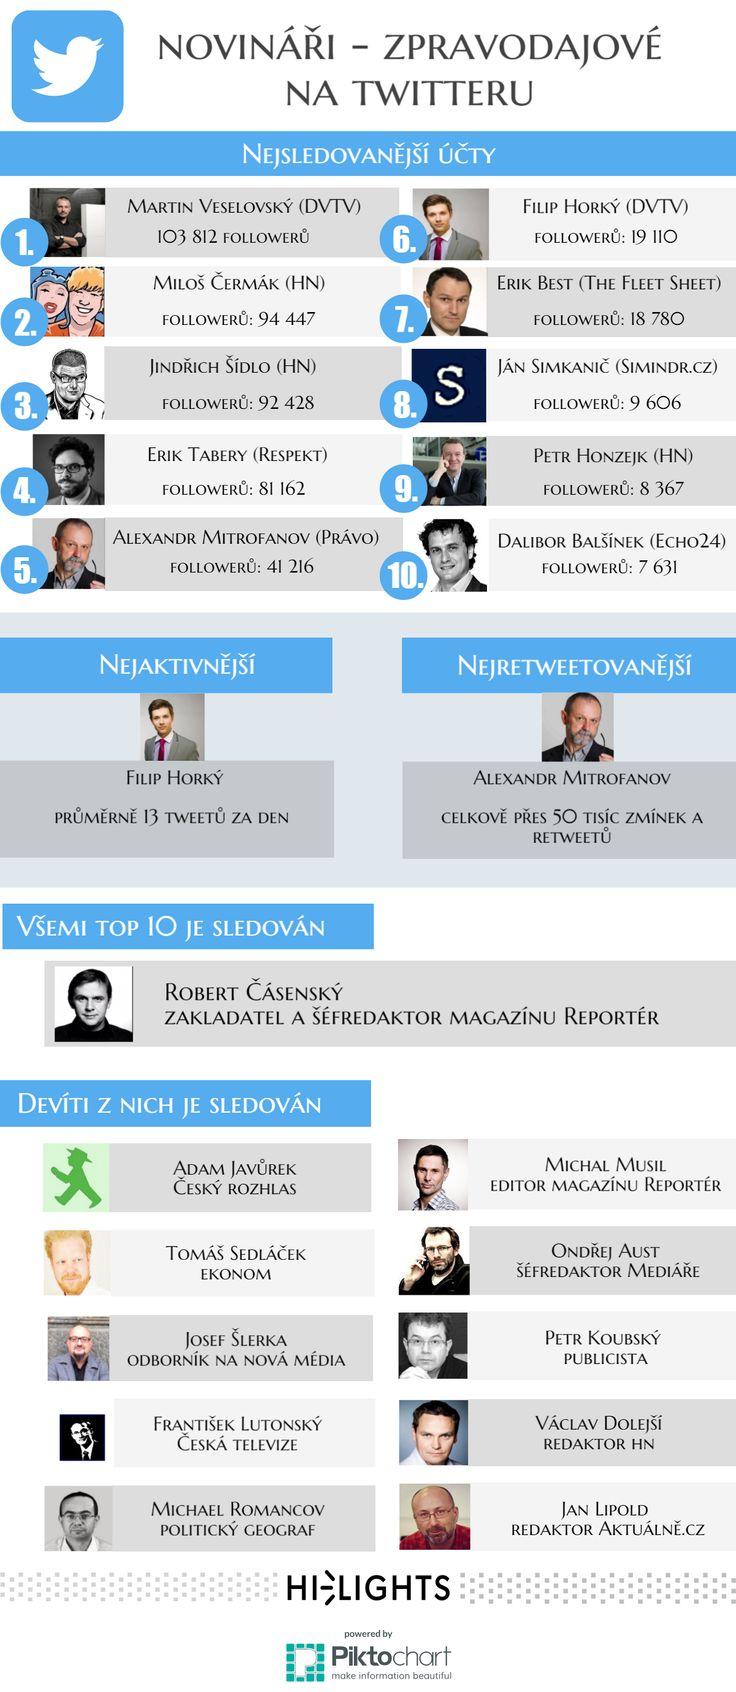 Zaměřili jsme se na to, jak si vedou čeští novináři na Twitteru. Co do počtu vede jednoznačně Martin Veselovský, nejaktivnější je Filip Horký...